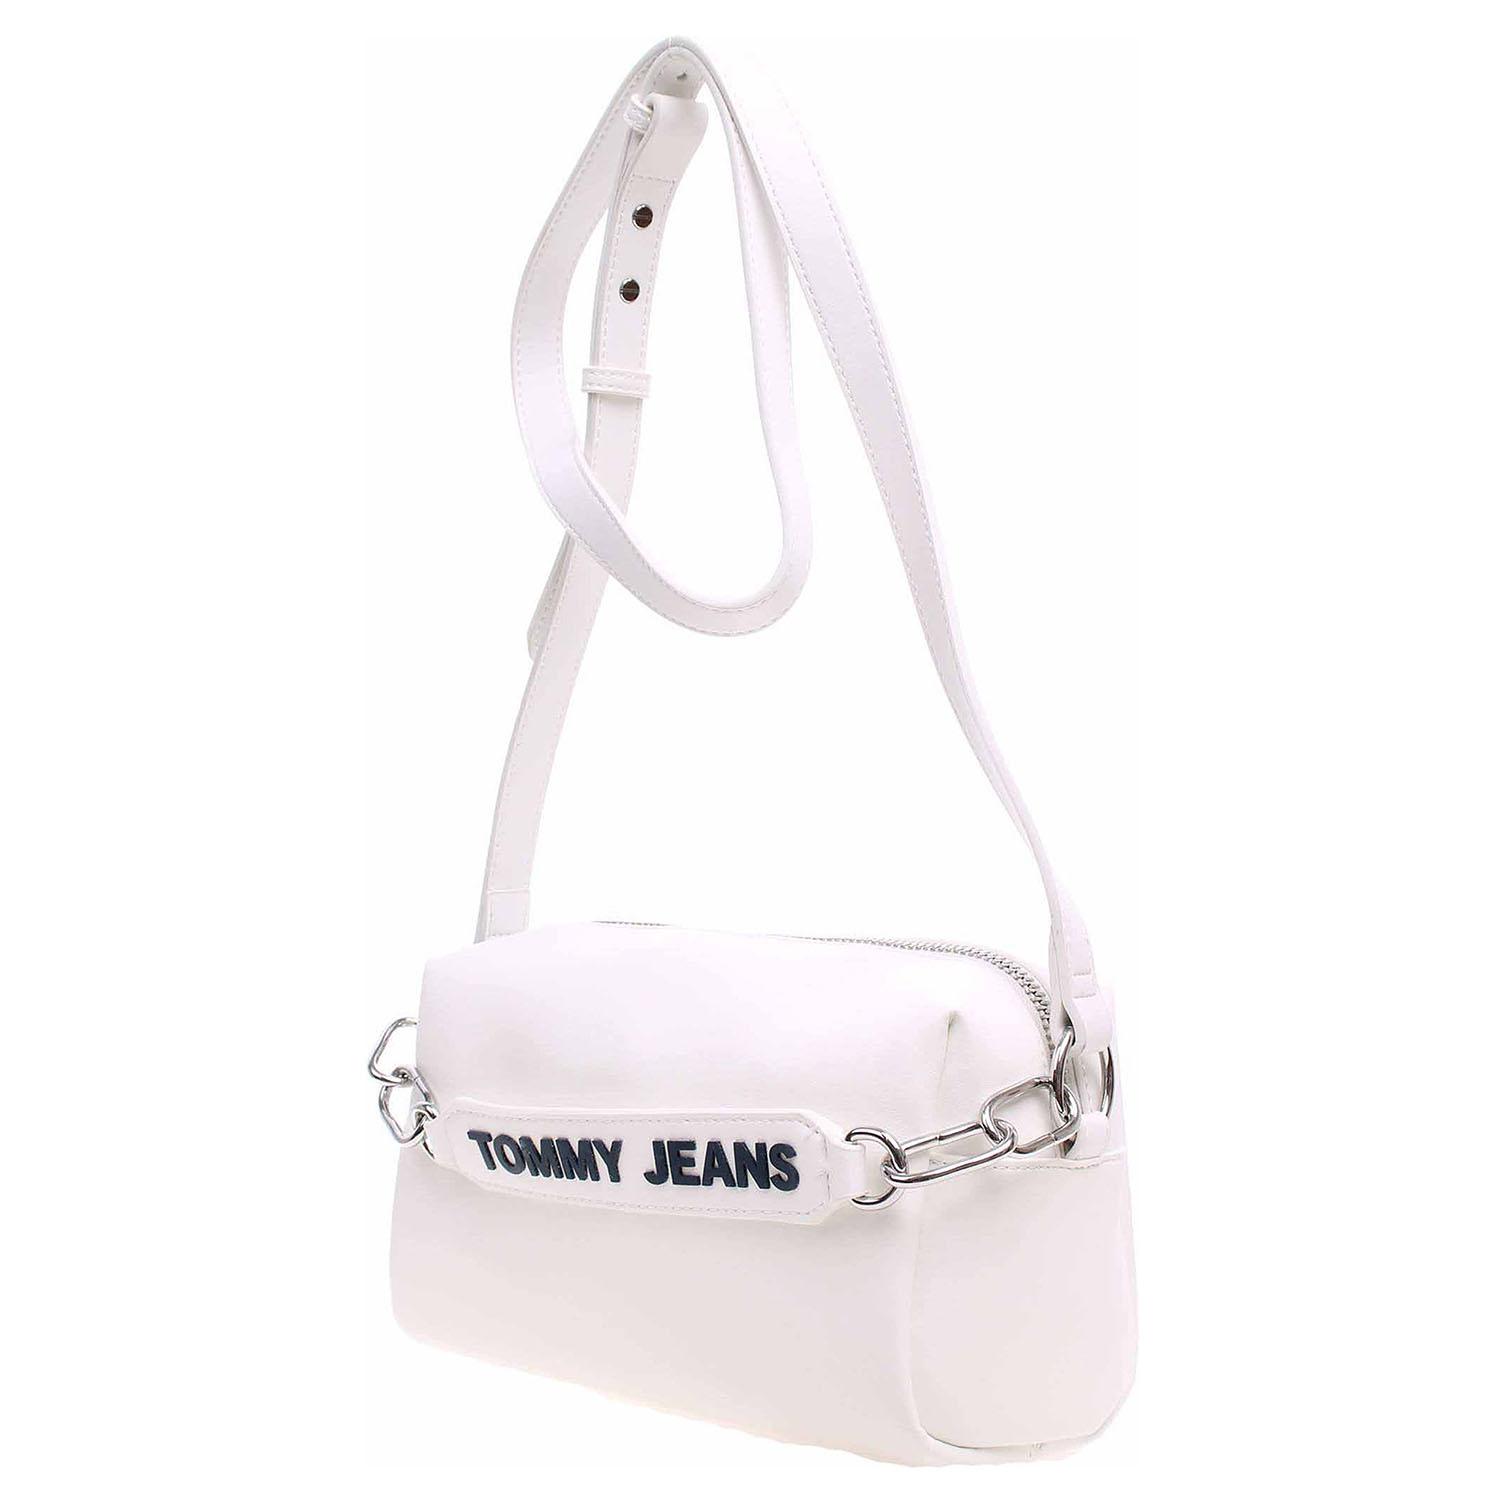 Ecco Tommy Hilfiger dámská kabelka AW0AW06537 107 classic white 11891498 84fdc26246f